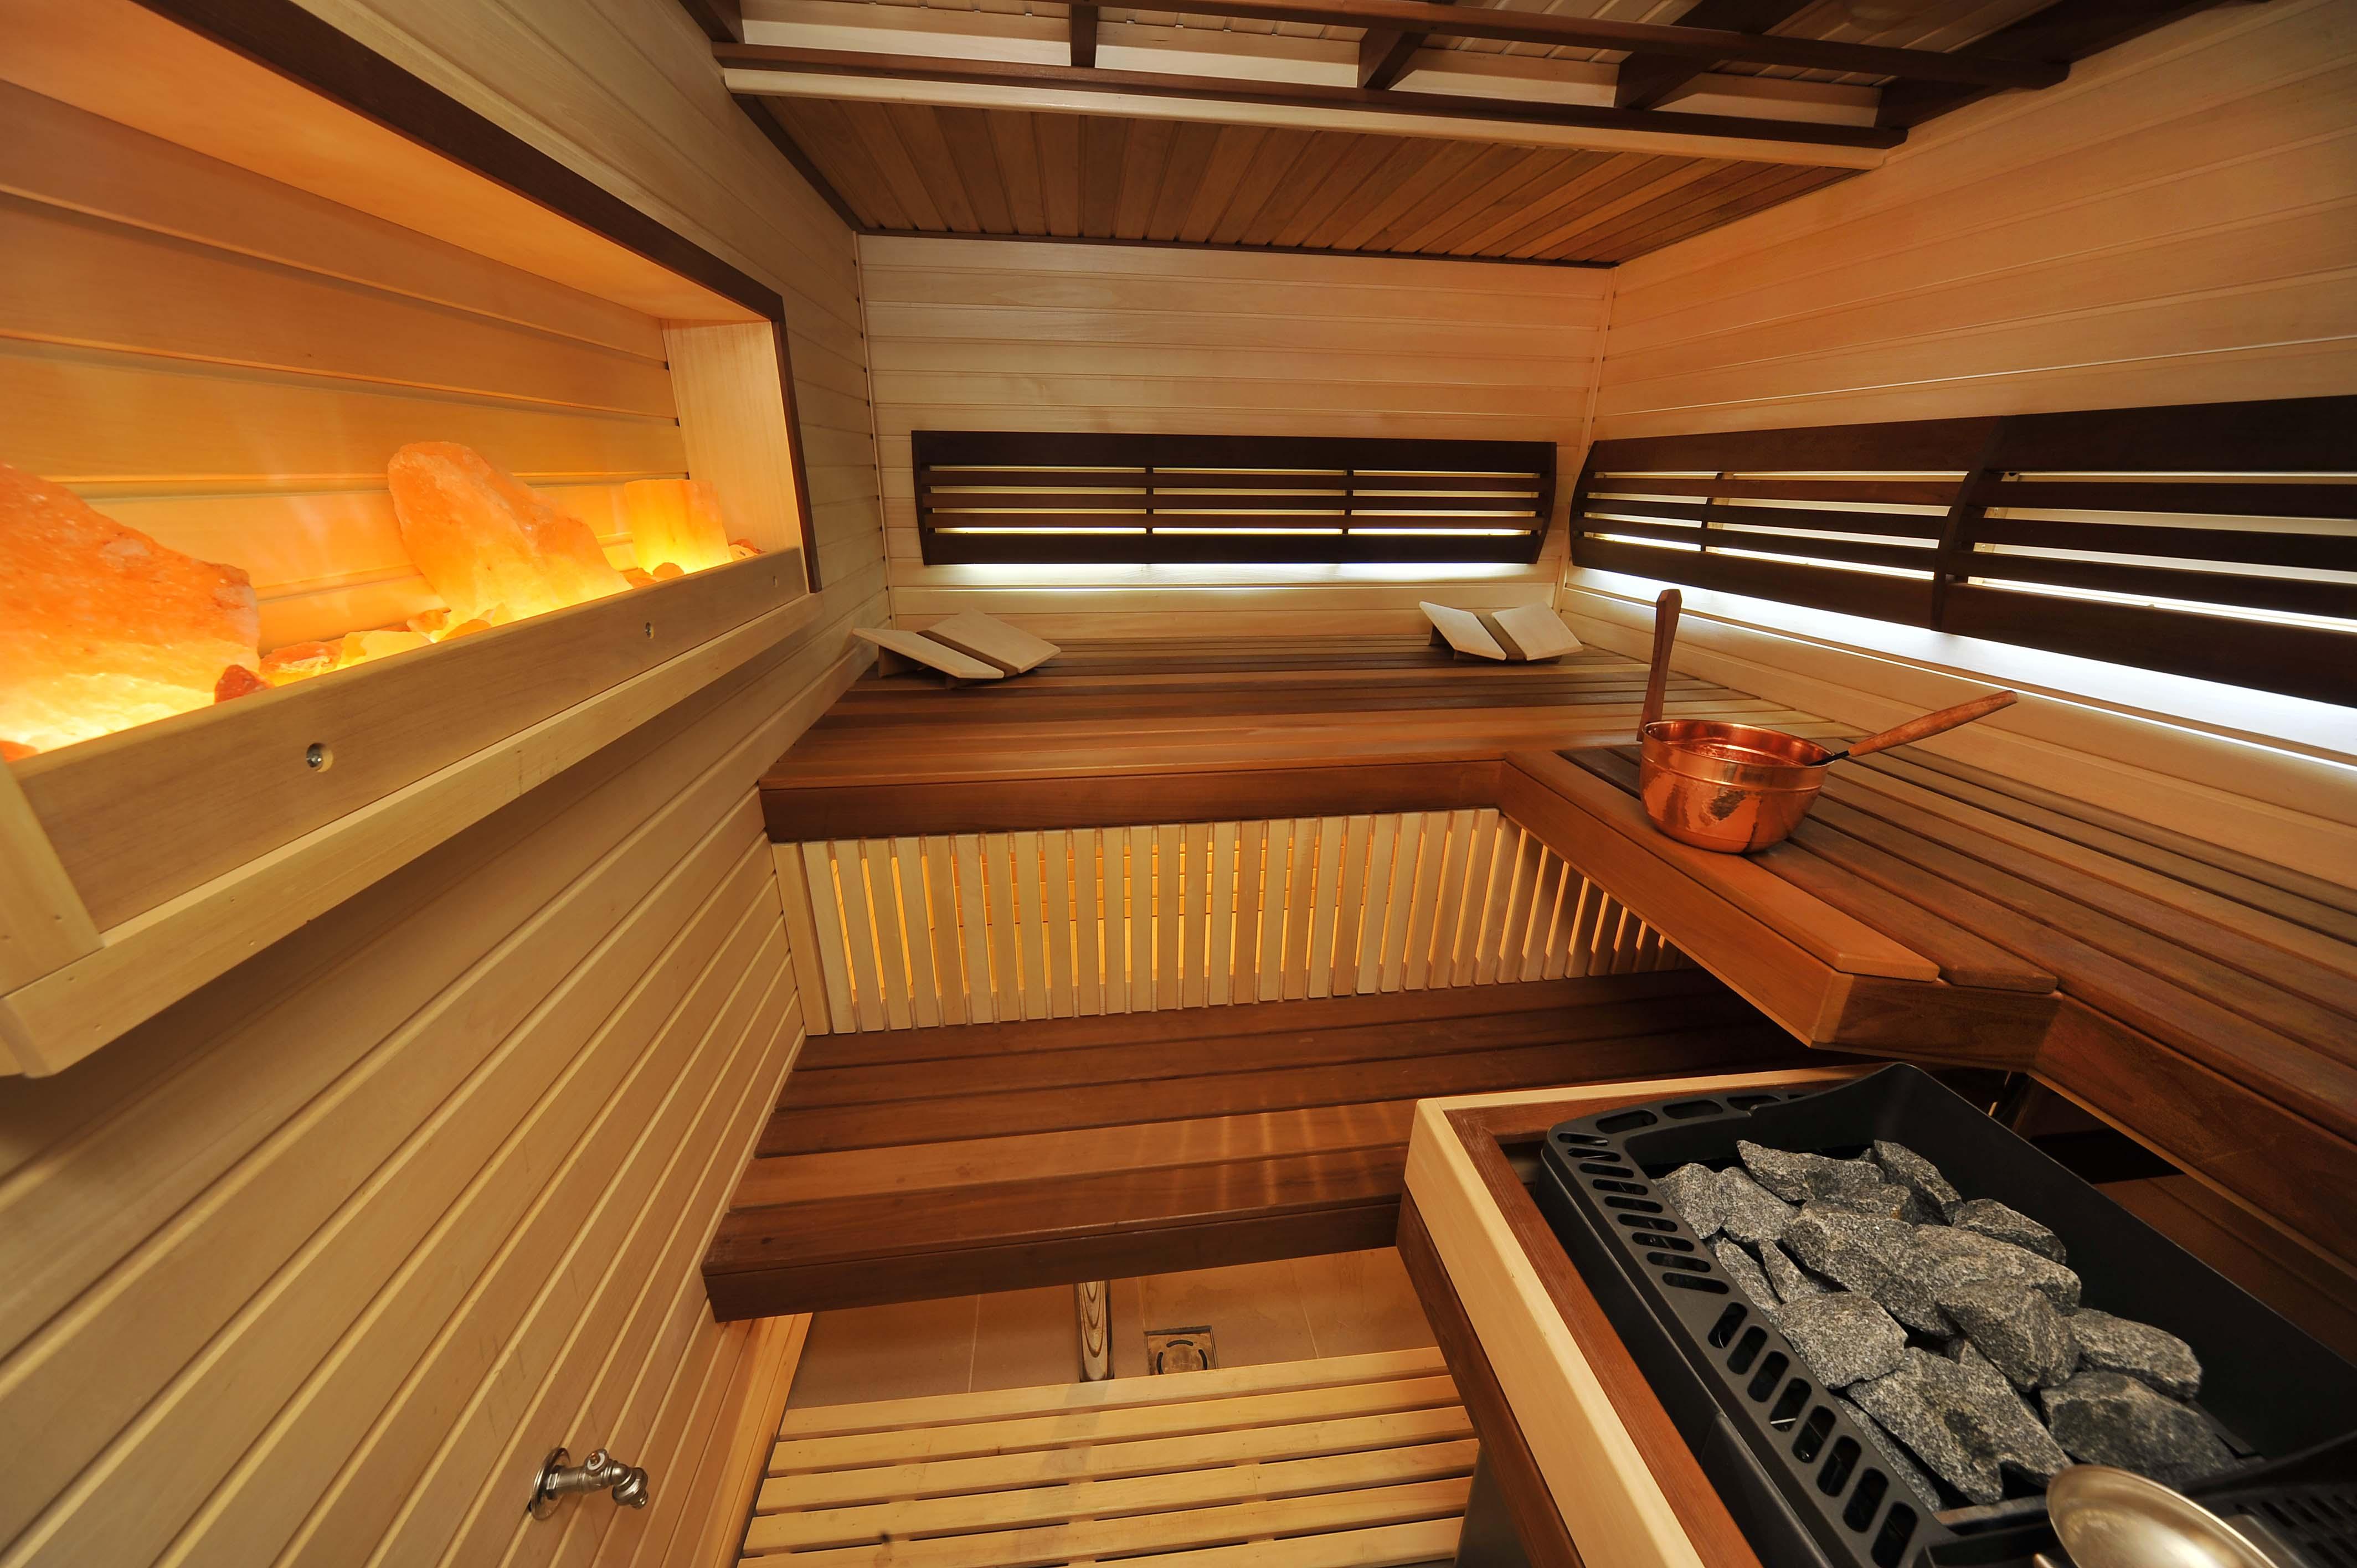 Открытие бани, сауны как бизнес: с чего начать?